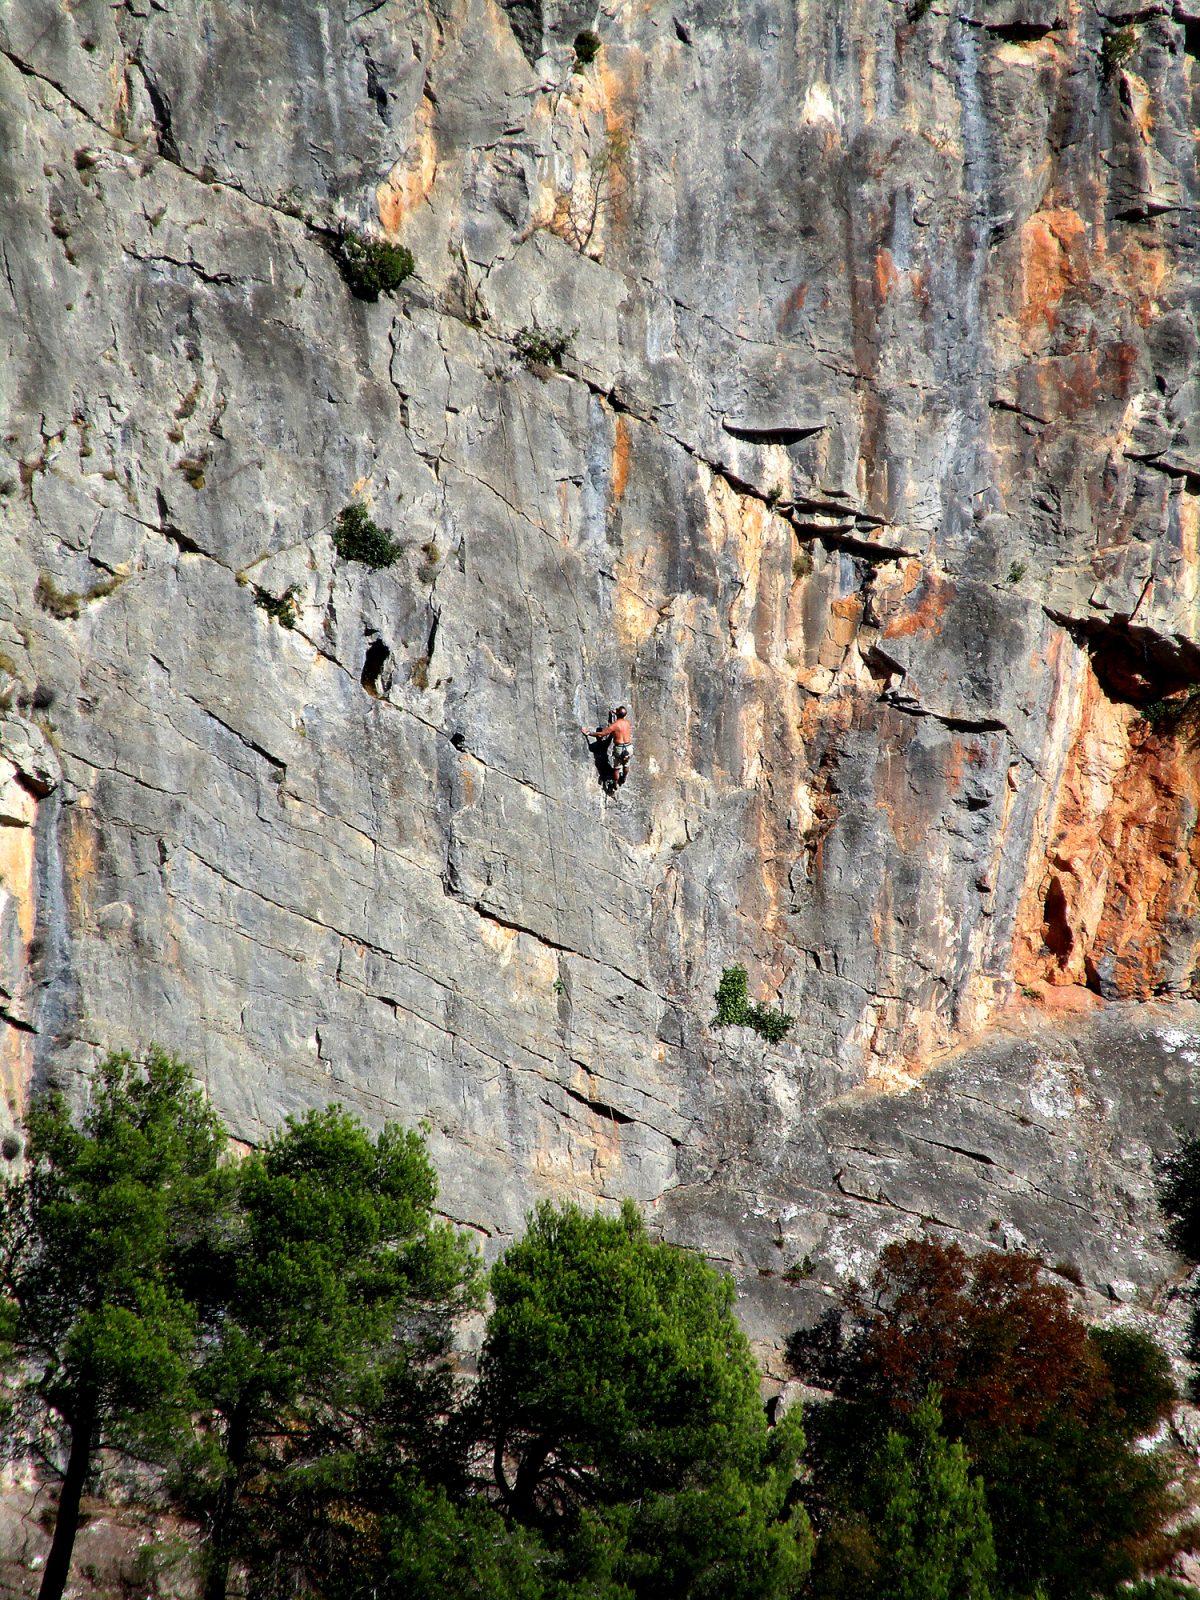 Rock climbing in Caunes-Minervois and Les Gorges de la Cesse (Minerve)